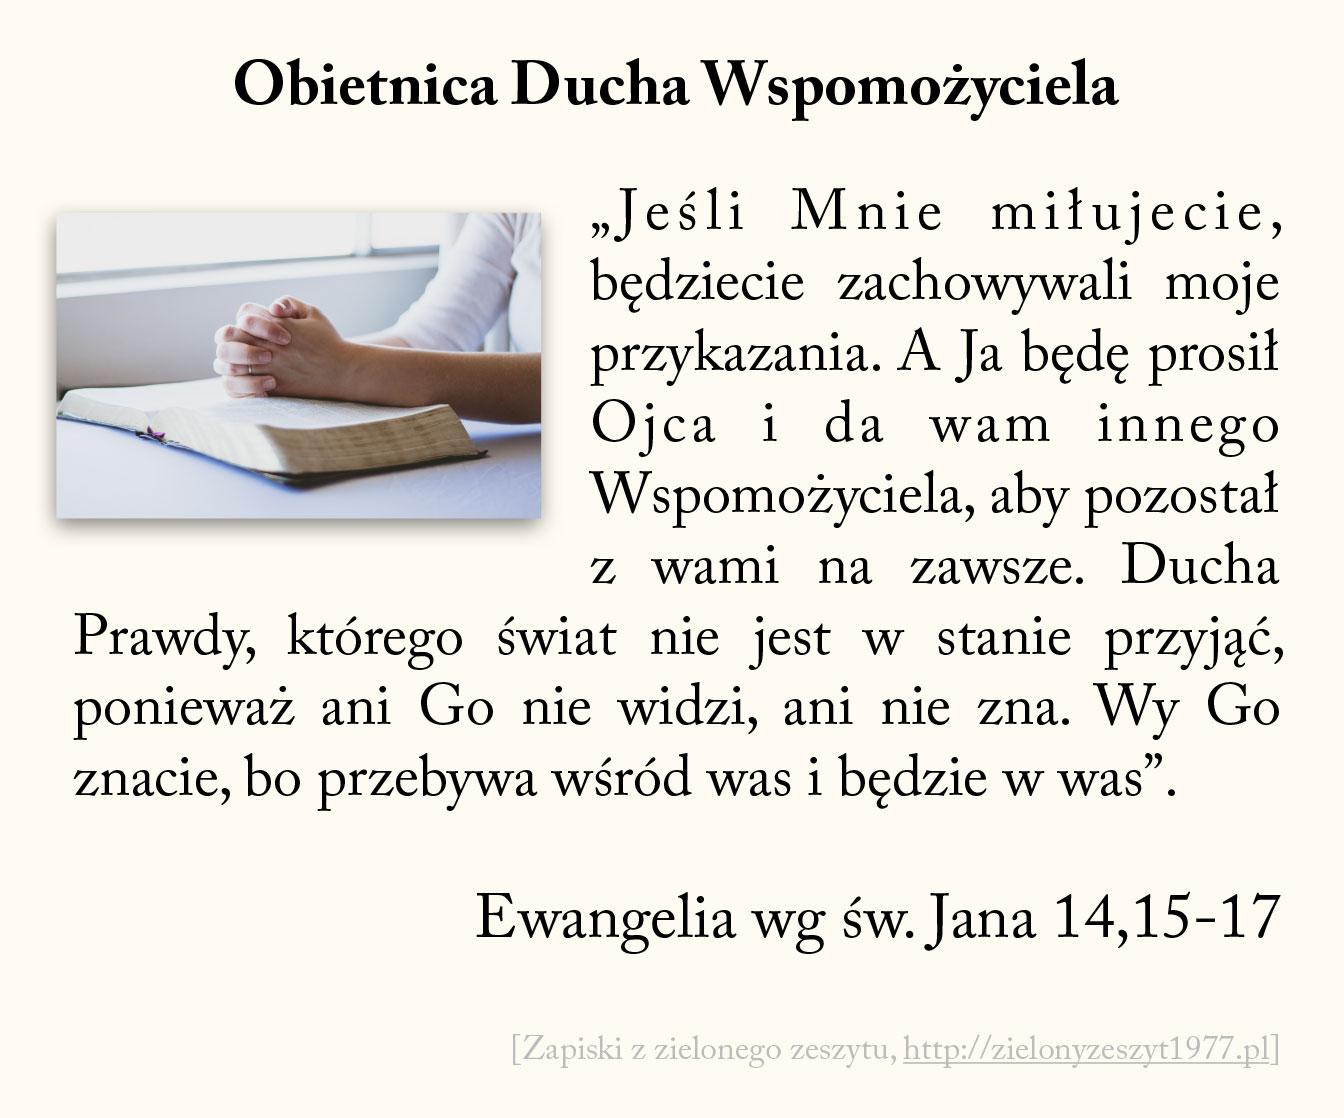 Obietnica Ducha Wspomożyciela, Ewangelia wg św. Jana